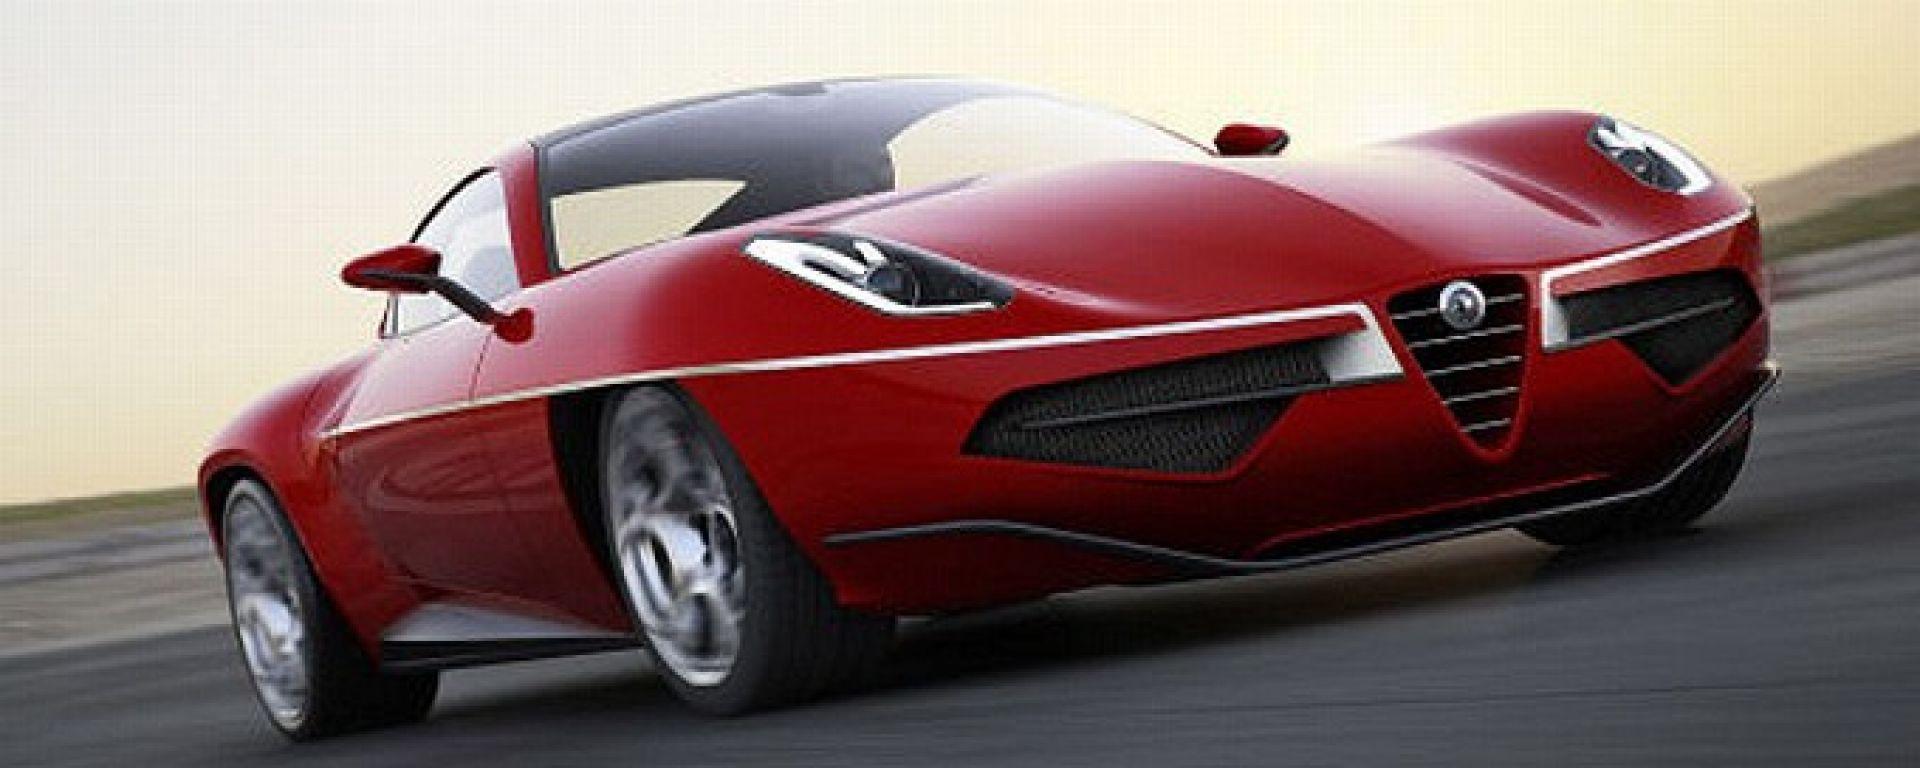 Disco Volante 2012 by Touring Superleggera, le nuove foto